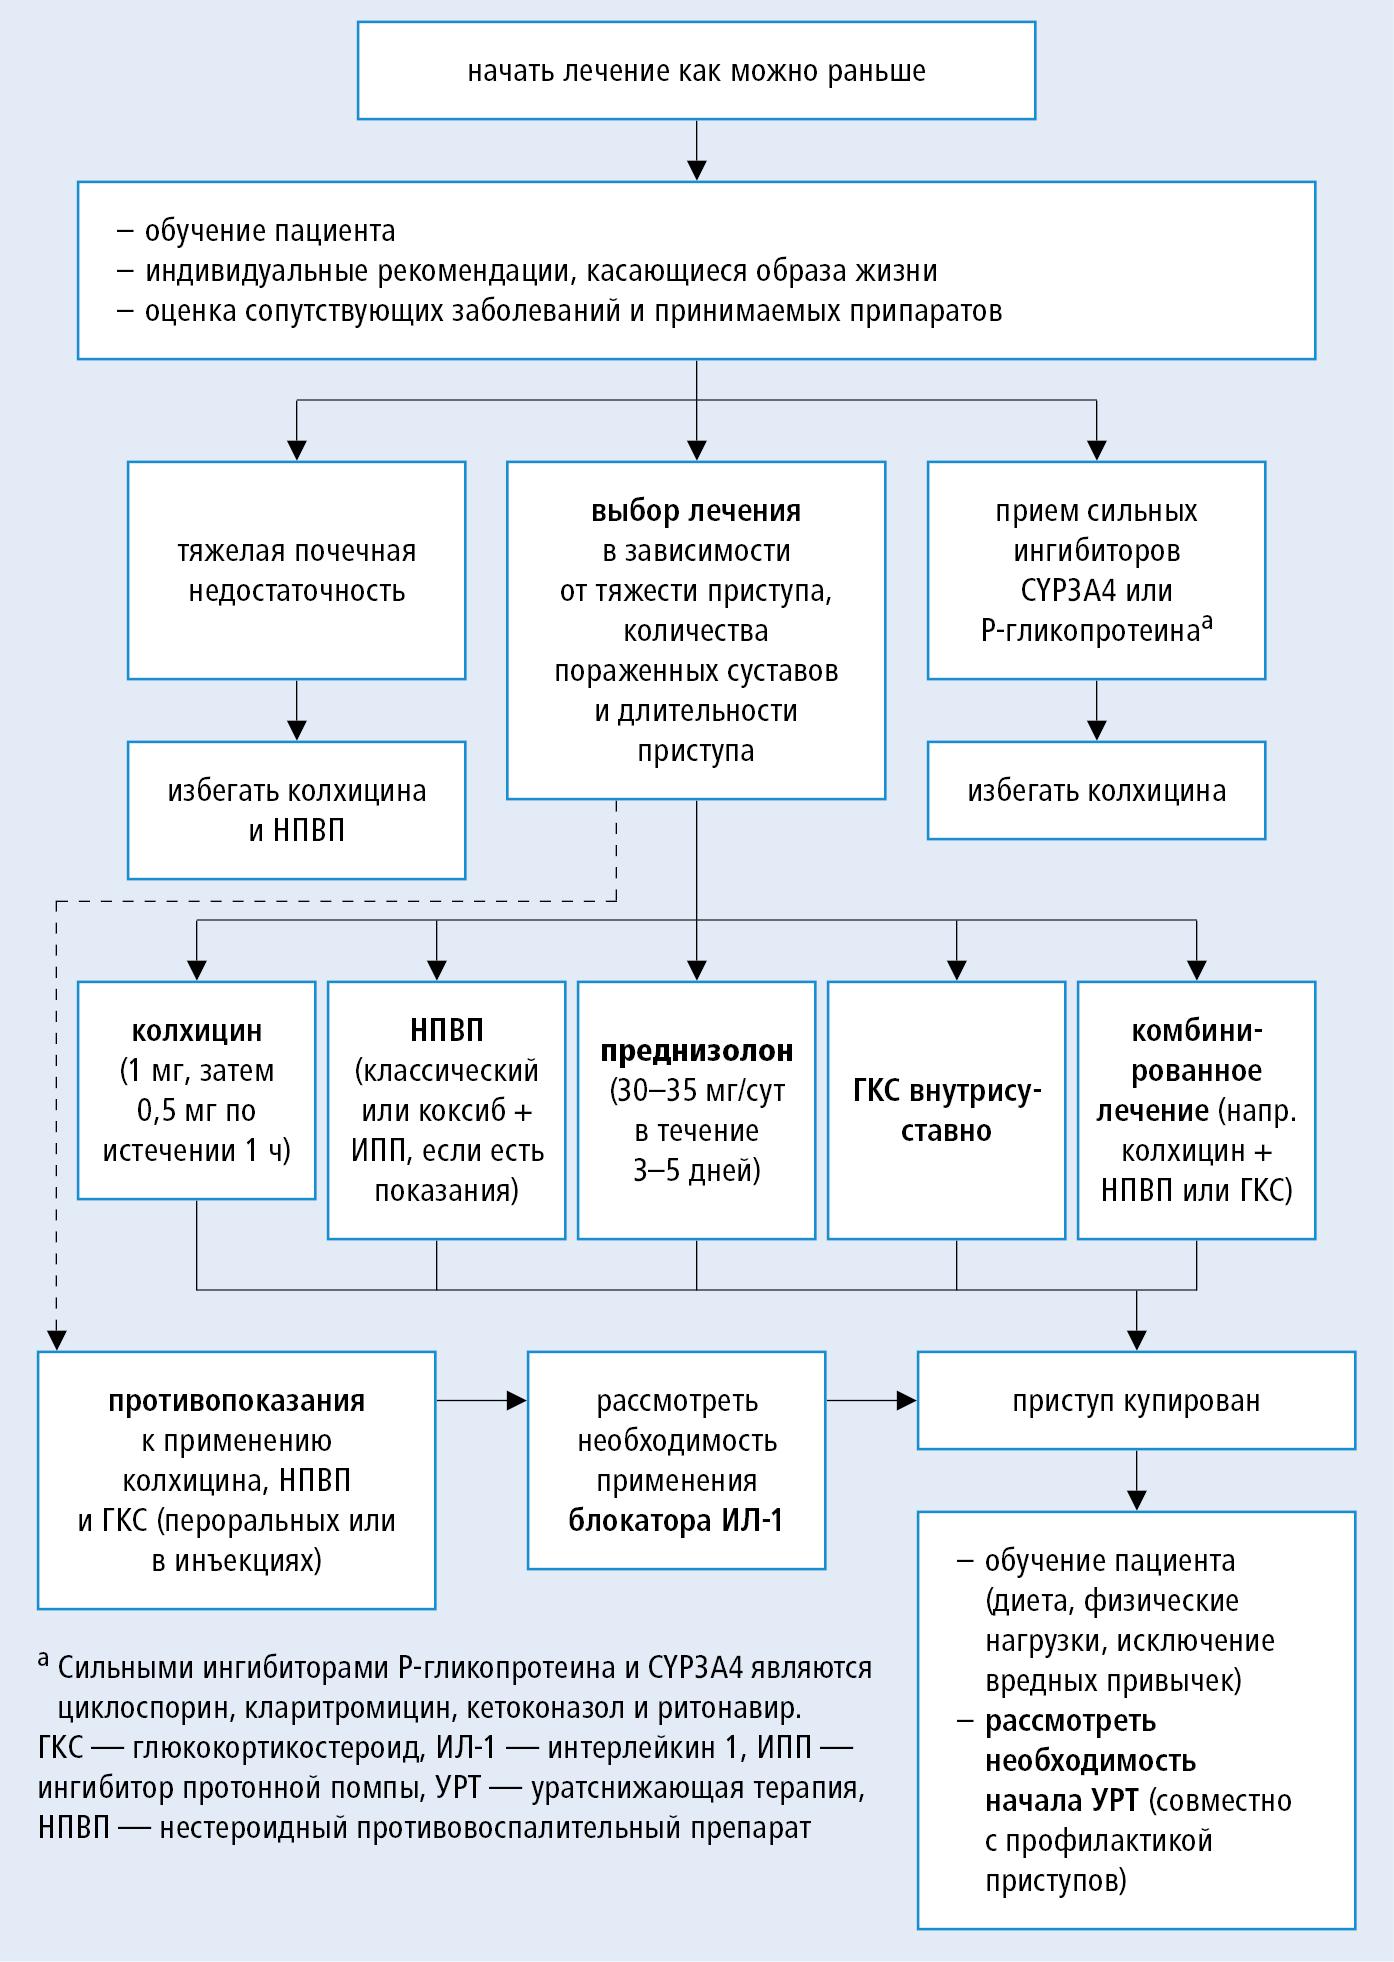 Схема лечения подагры